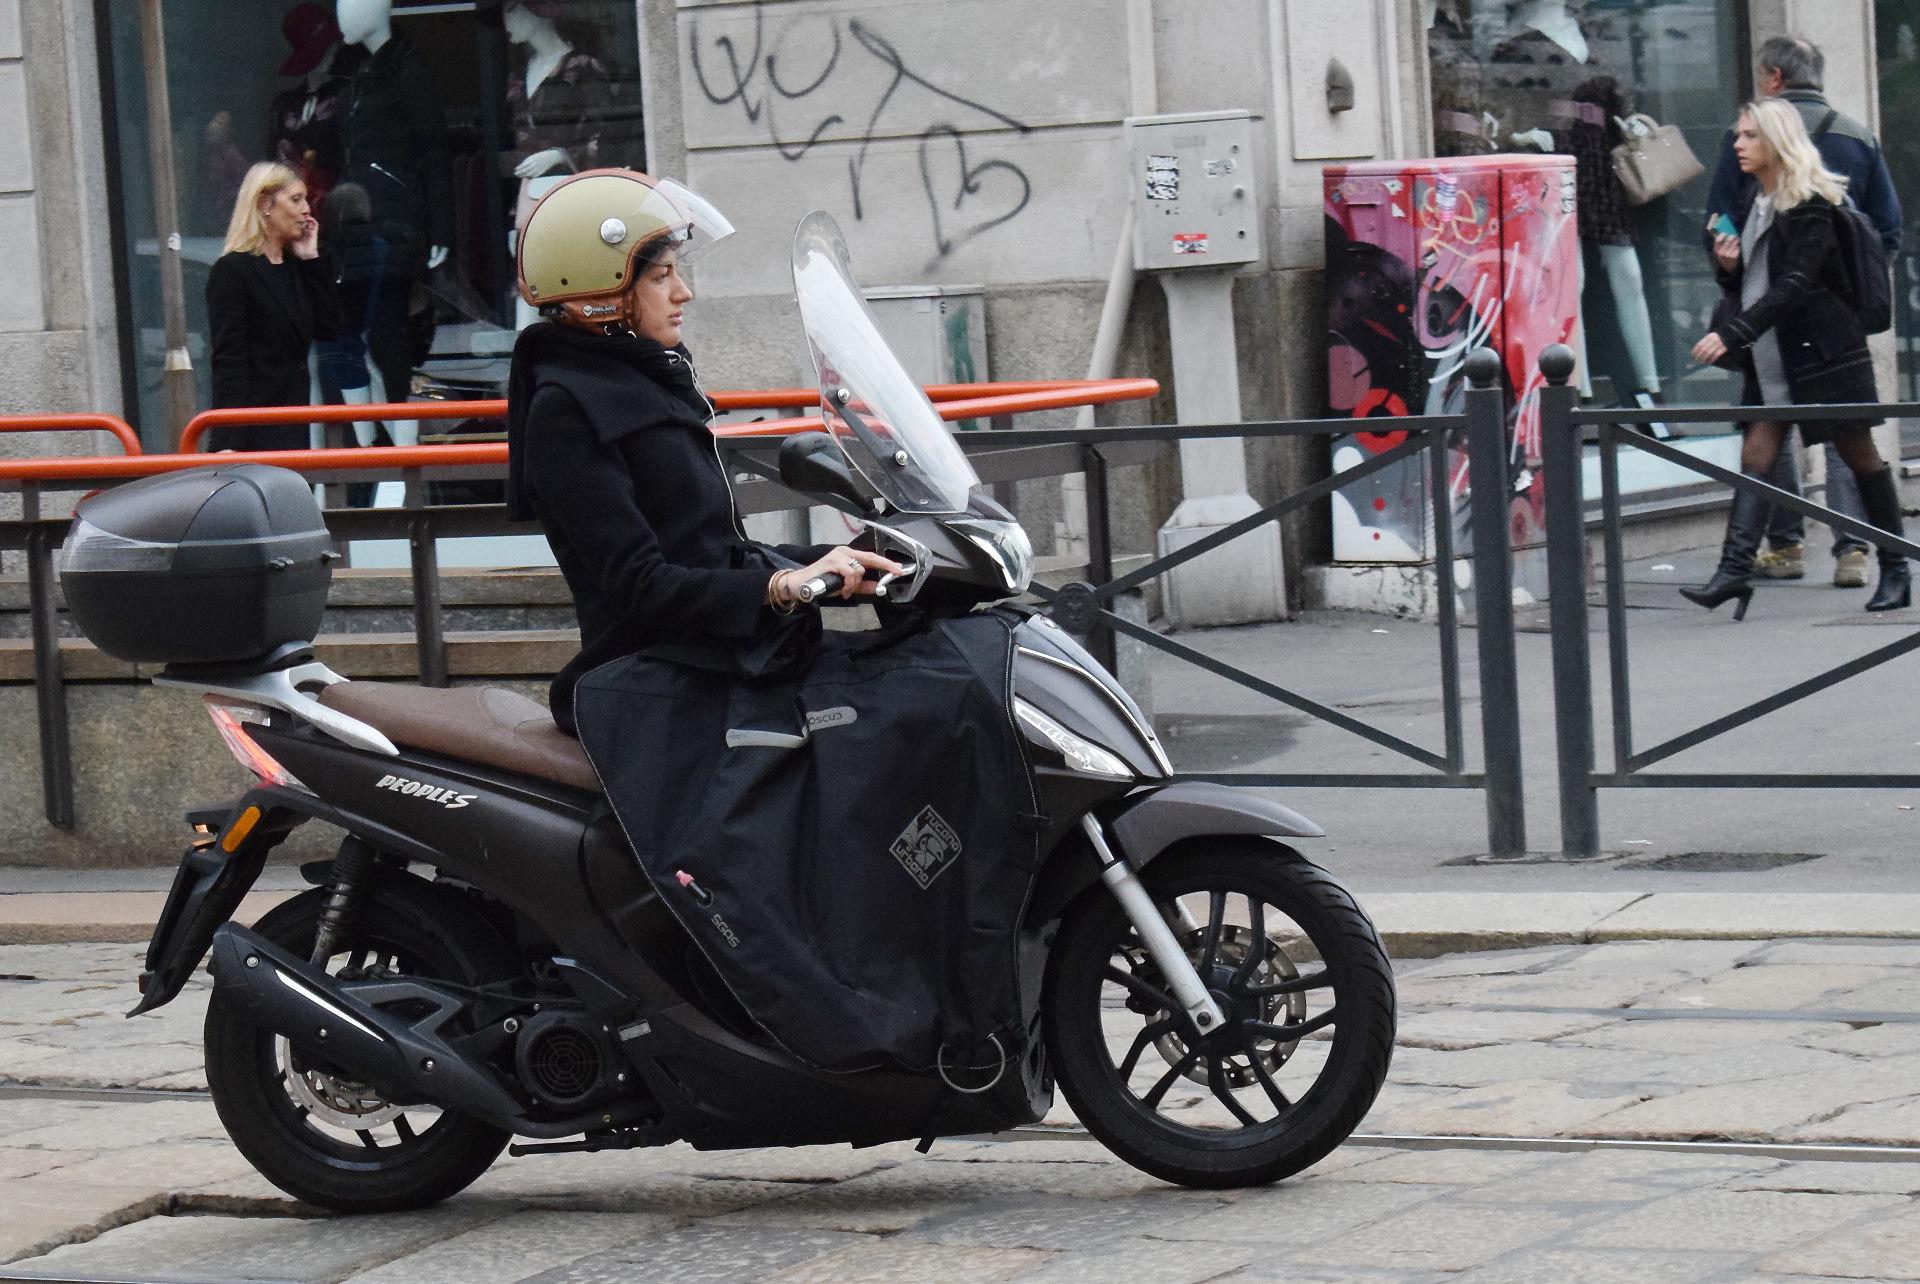 『バイク天国☆イタリアの旅 (2019年版)』その6 ミラノの街でよく見かけるバイクはコレだ!_d0099181_19380800.jpg